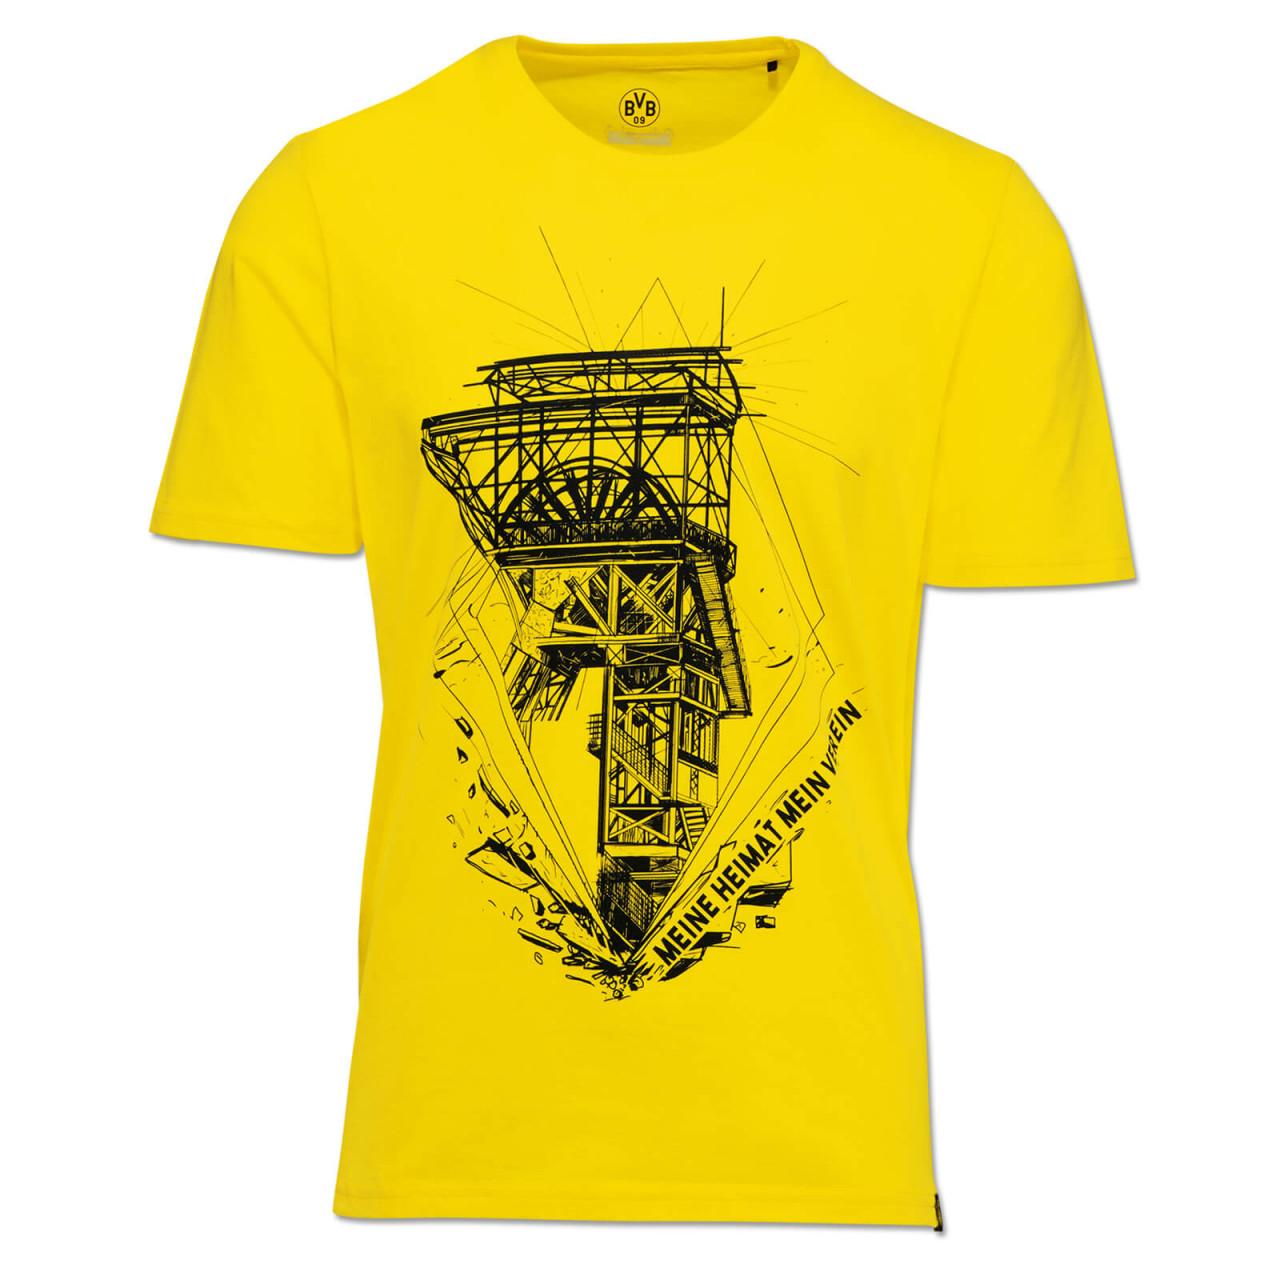 BVB 09 Borussia Dortmund Heimat T-Shirt